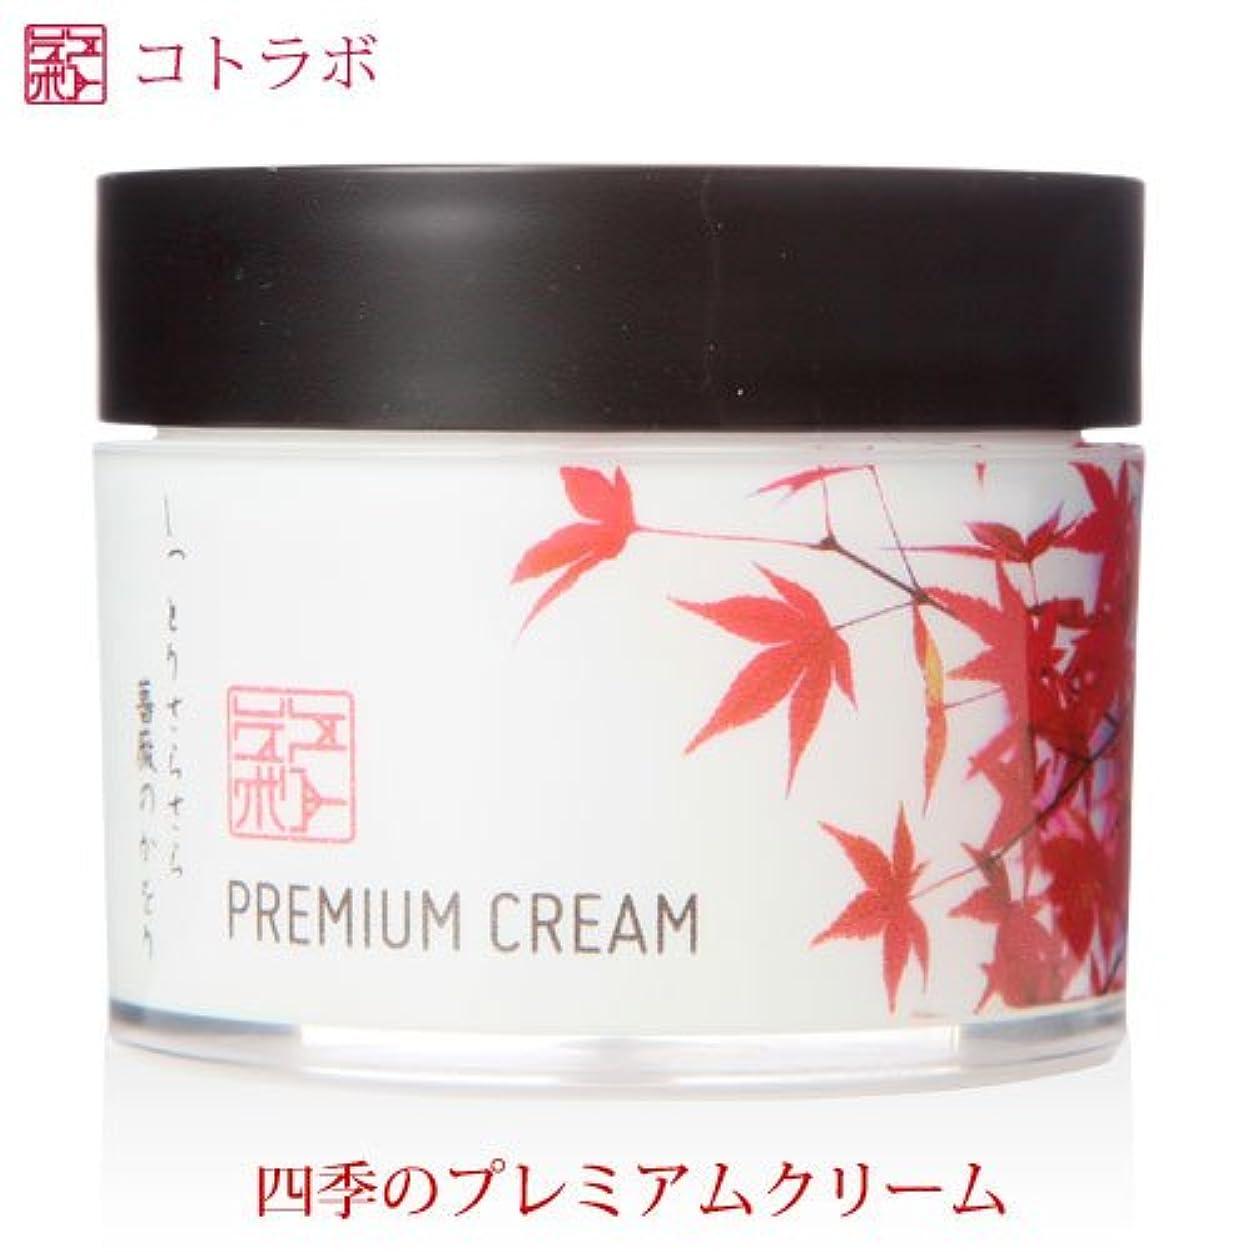 ストライプ寸法雑多なコトラボ 四季のプレミアムクリーム秋薔薇の香り50g